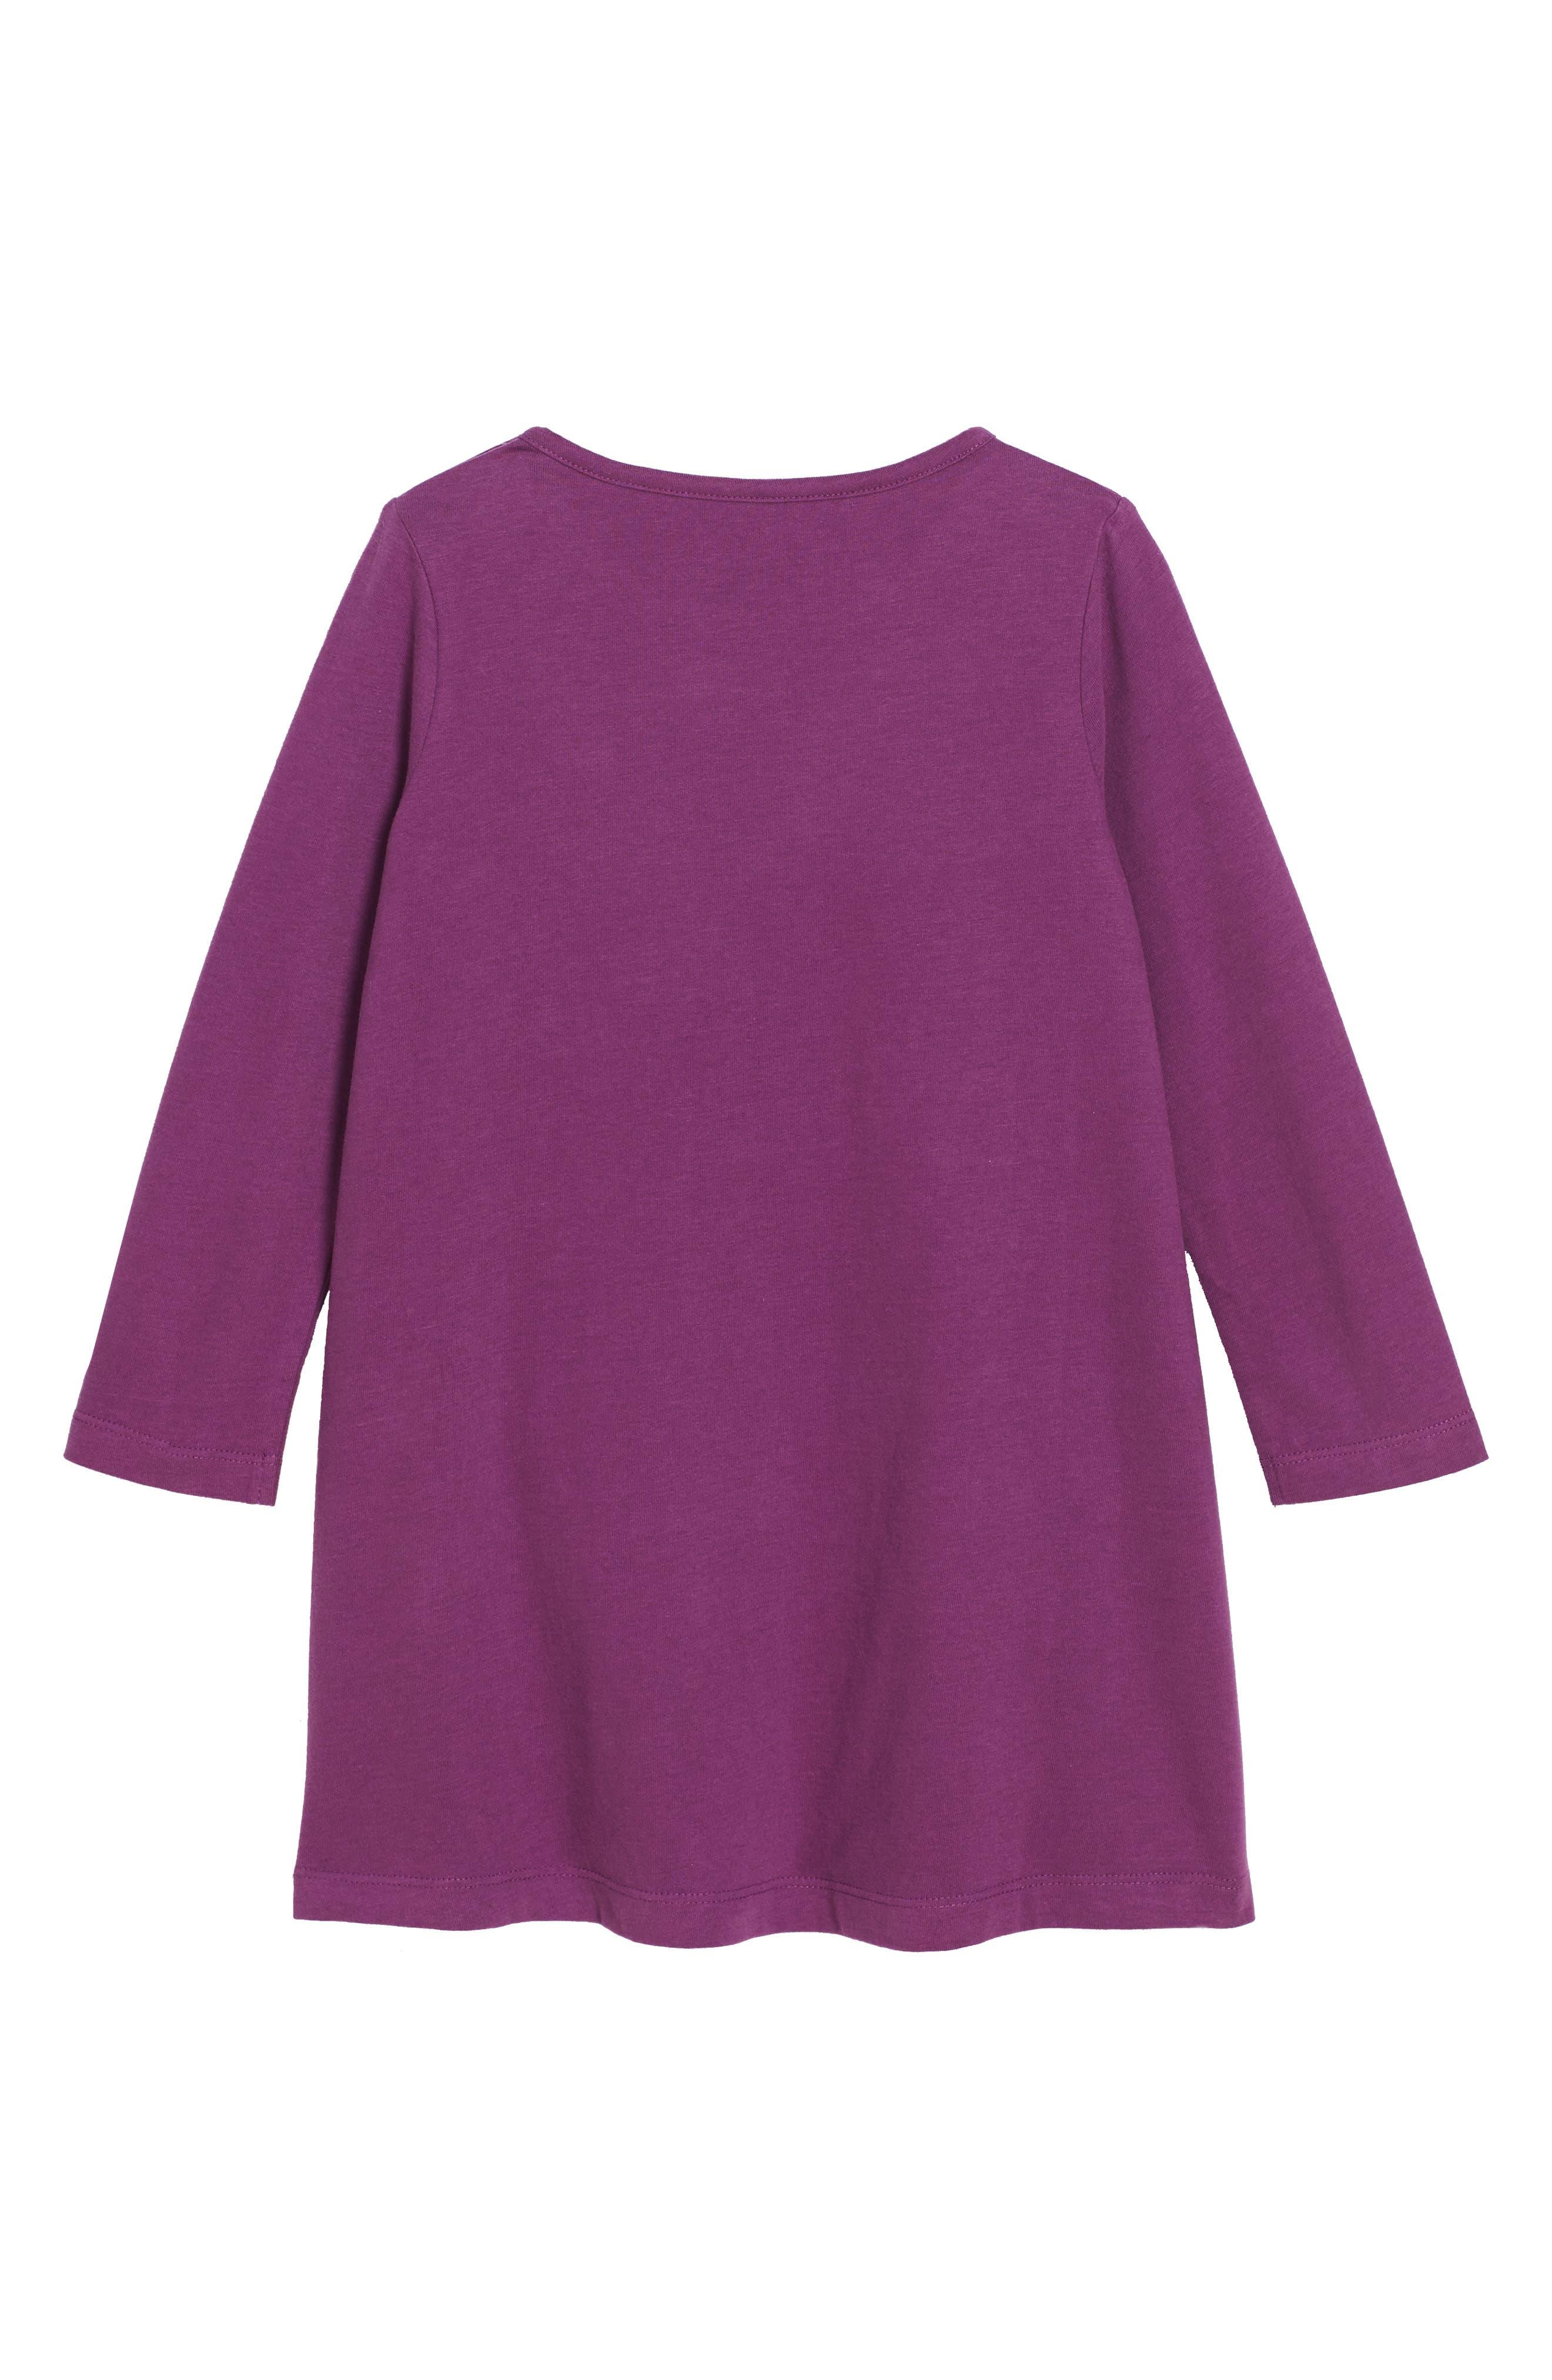 Fairytale Appliqué Dress,                             Alternate thumbnail 2, color,                             Blackcurrant Purple Horses Prp